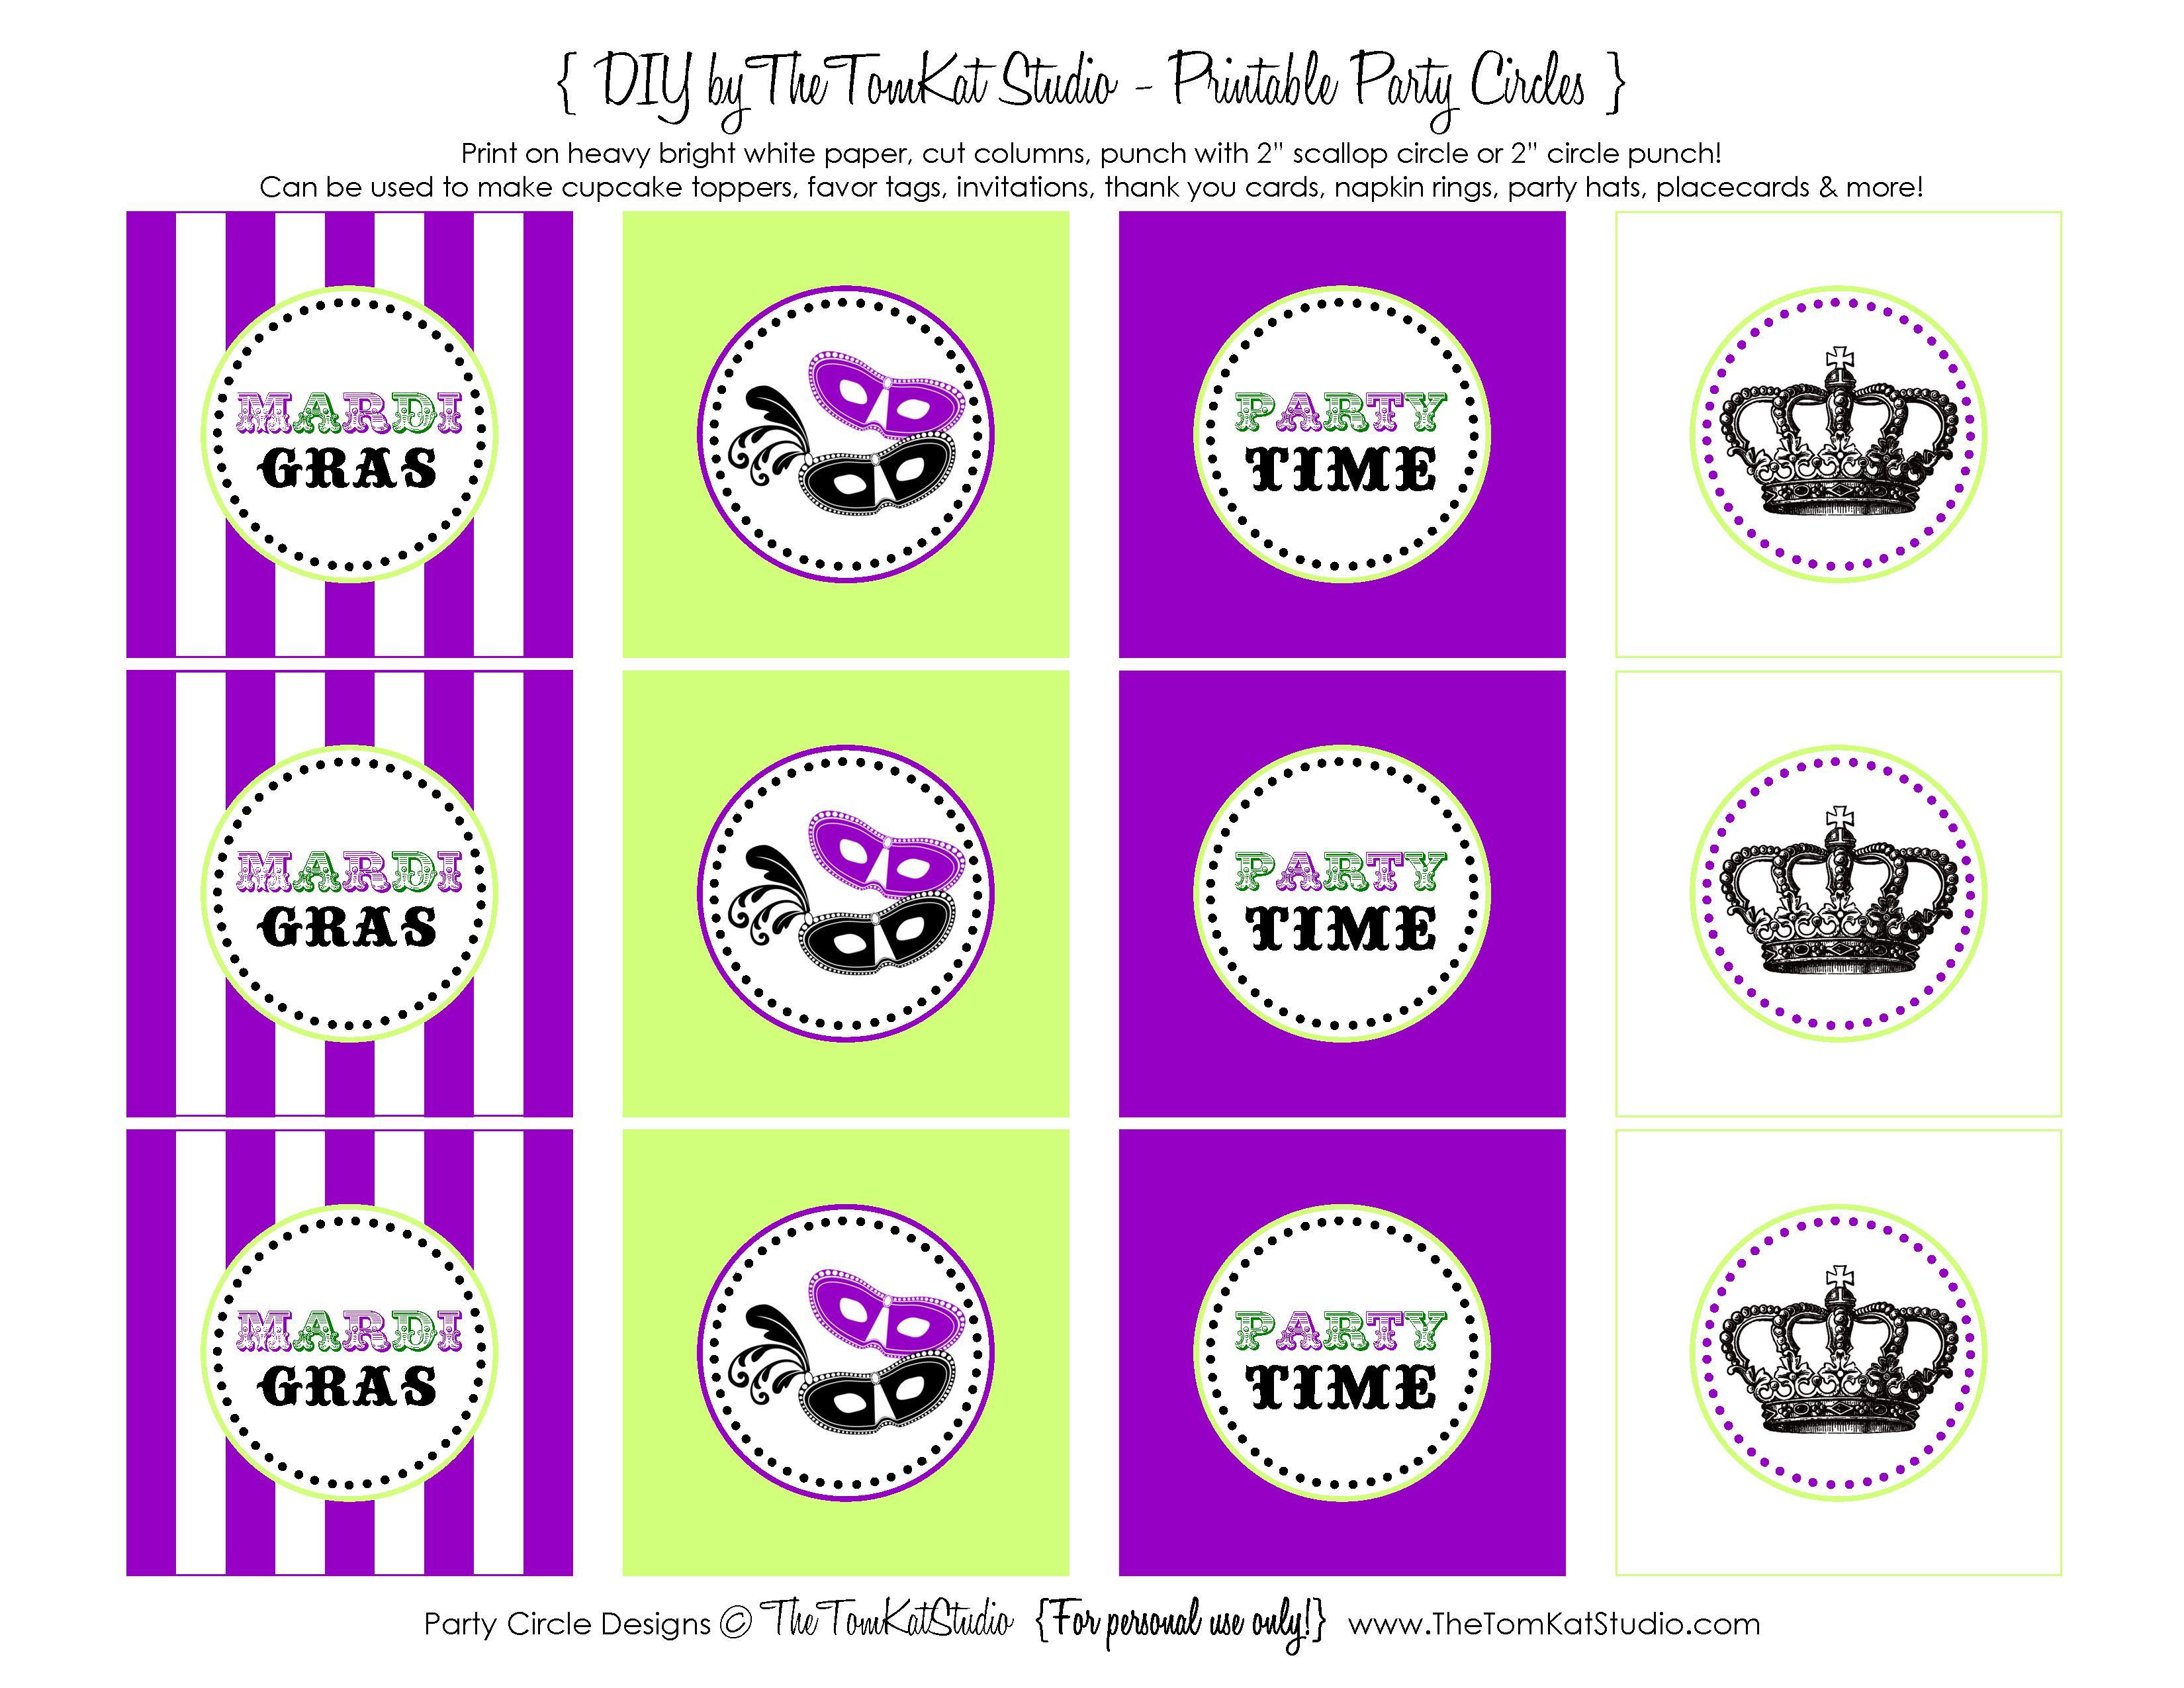 Free Printable Mardi Gras Party Circles